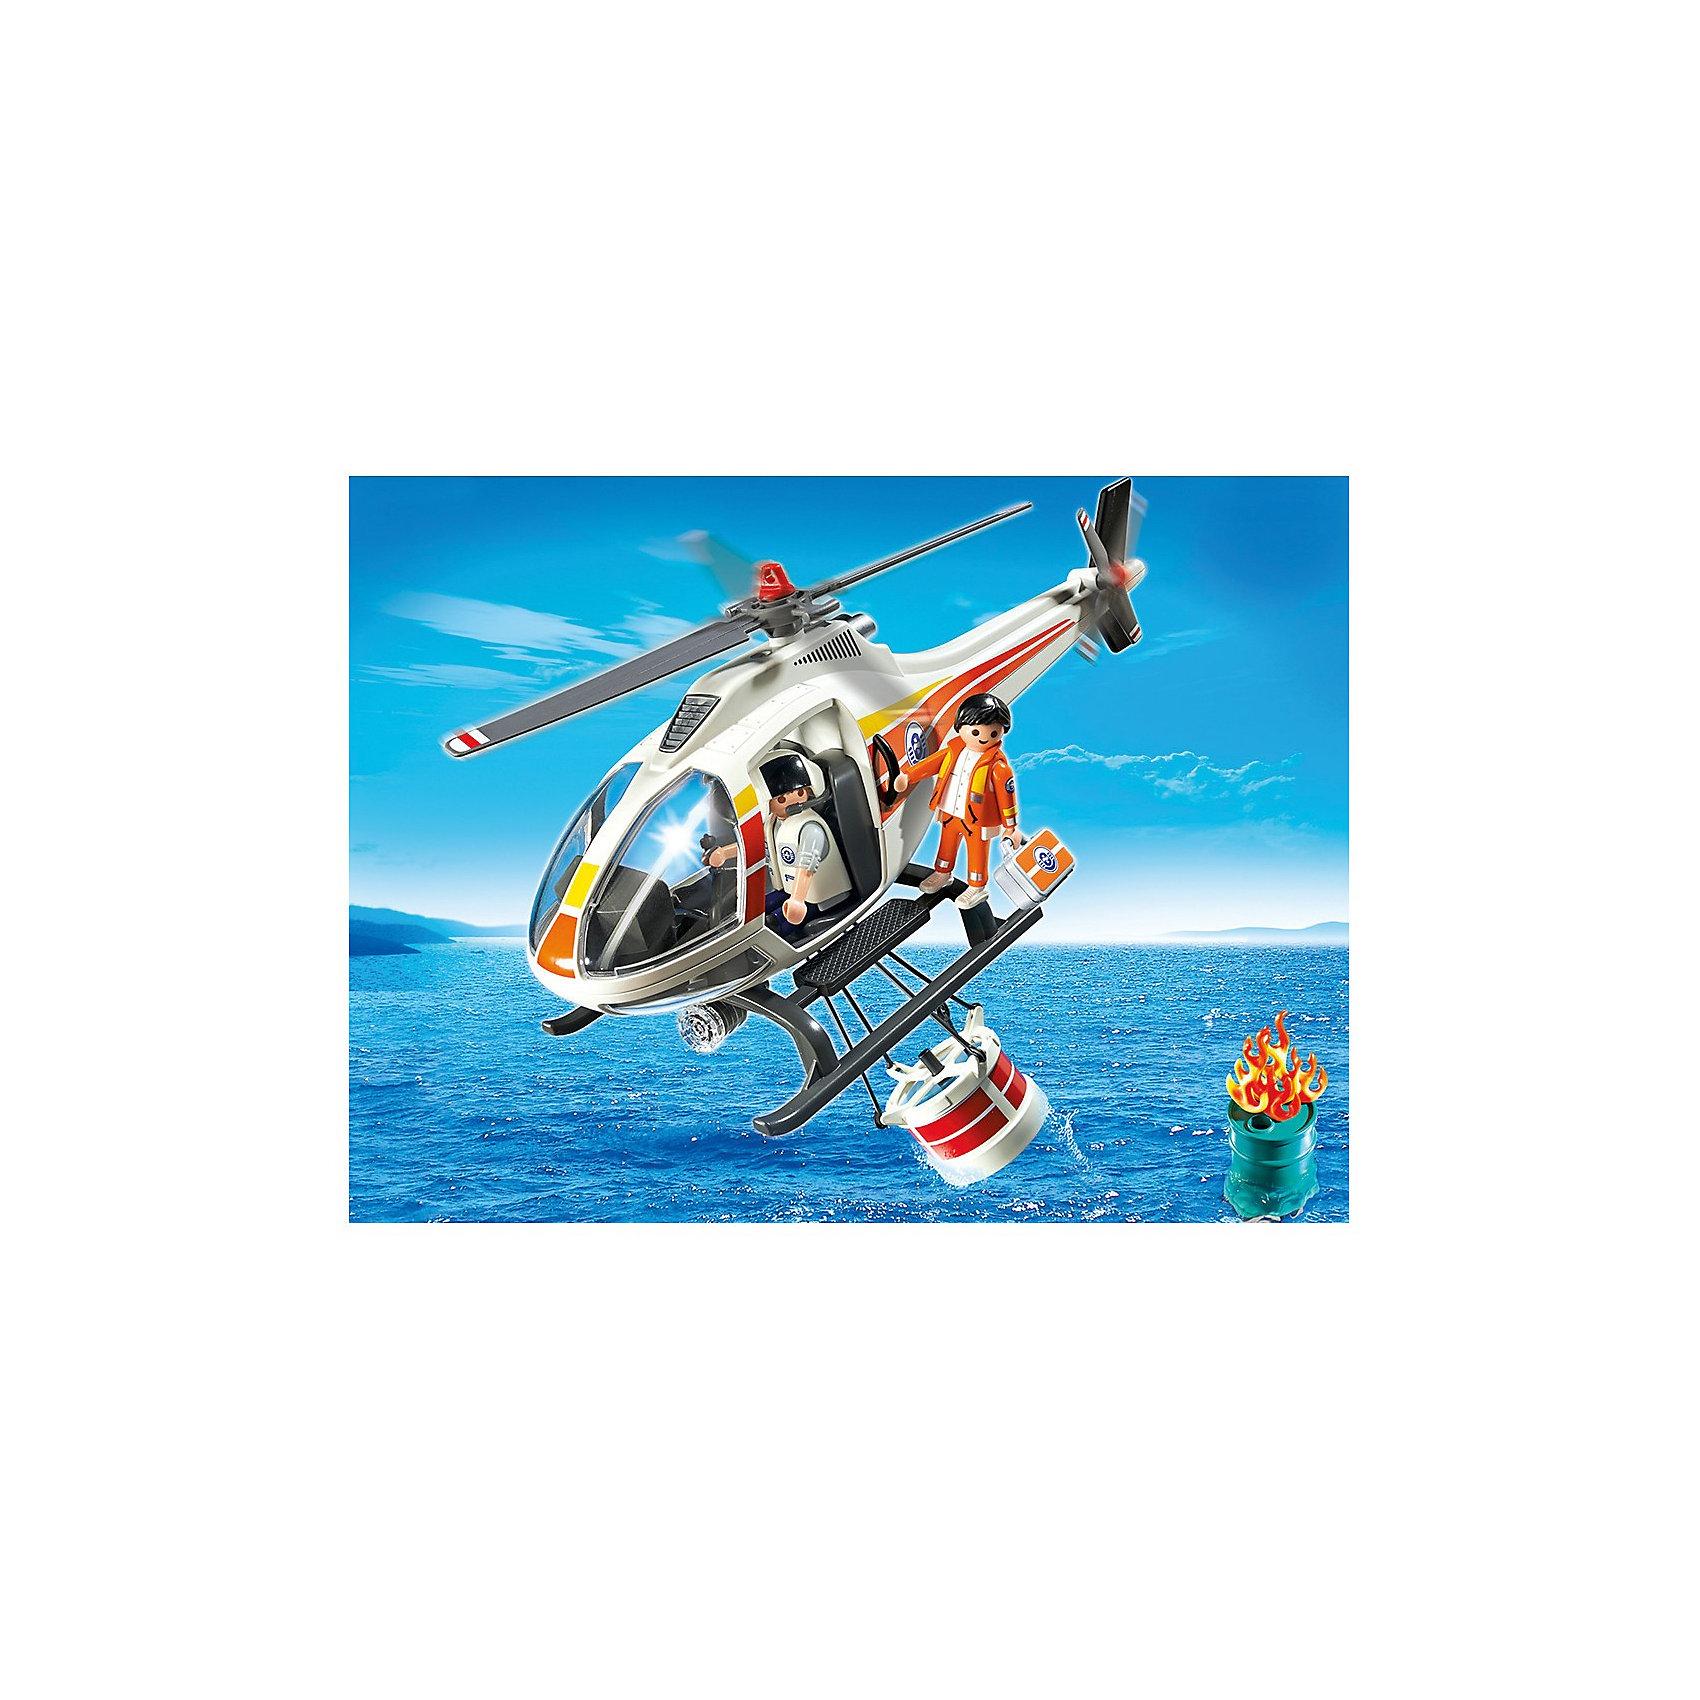 PLAYMOBIL 5542 Береговая охрана: Пожарный вертолетКонструктор PLAYMOBIL (Плеймобил) 5542 Береговая охрана: Пожарный вертолет - находка для заботливых родителей! Конструктор Вашего ребенка должен быть именно таким: красочным, безопасным и очень интересным. Серия Береговая охрана посвящена важной работе команды, которая следит за безопасностью судов и пассажиров во вверенной ей акватории. У службы много техники и оборудования с помощью которого они с успехом проводят сложные спасательные операции на воде. Если на судне случился пожар и требуется срочная эвакуация пассажиров, не обойтись без современного пожарного вертолета. Он оснащен водяным баком с открывающимся дном. Потушив пожар, двое спасателей приступают к эвакуации людей, с помощью крюка они могут помочь спасательным судам добраться до берега. На борту вертолета всегда находится врач с набором средств для оказания помощи раненым. С помощью этого замечательного набора Вы сможете с легкостью показать ребенку правила оказания первой помощи. Создай увлекательные сюжеты с набором Пожарный вертолет или объедини его с другими наборами серии и игра станет еще интереснее. Придумывая замечательные сюжеты с деталями конструктора, Ваш ребенок развивает фантазию, учится заботе и просто прекрасно проводит время!<br><br>Дополнительная информация:<br><br>- Конструкторы PLAYMOBIL (Плеймобил) отлично развивают мелкую моторику, фантазию и воображение;<br>- В наборе: минифигурка спасателя, языки пламени, водяной бак, трос с крюками, аптечка, бак с горючим, аксессуары;<br>- Количество деталей: 35 шт;<br>- Материал: безопасный пластик;<br>- Размер минифигурок: 7,5 см;<br>- Размер упаковки: 32 х 26 х 36 см<br><br>Конструктор PLAYMOBIL (Плеймобил) 5542 Береговая охрана: Пожарный вертолет можно купить в нашем интернет-магазине.<br><br>Ширина мм: 353<br>Глубина мм: 250<br>Высота мм: 105<br>Вес г: 461<br>Возраст от месяцев: 48<br>Возраст до месяцев: 120<br>Пол: Мужской<br>Возраст: Детский<br>SKU: 3350646